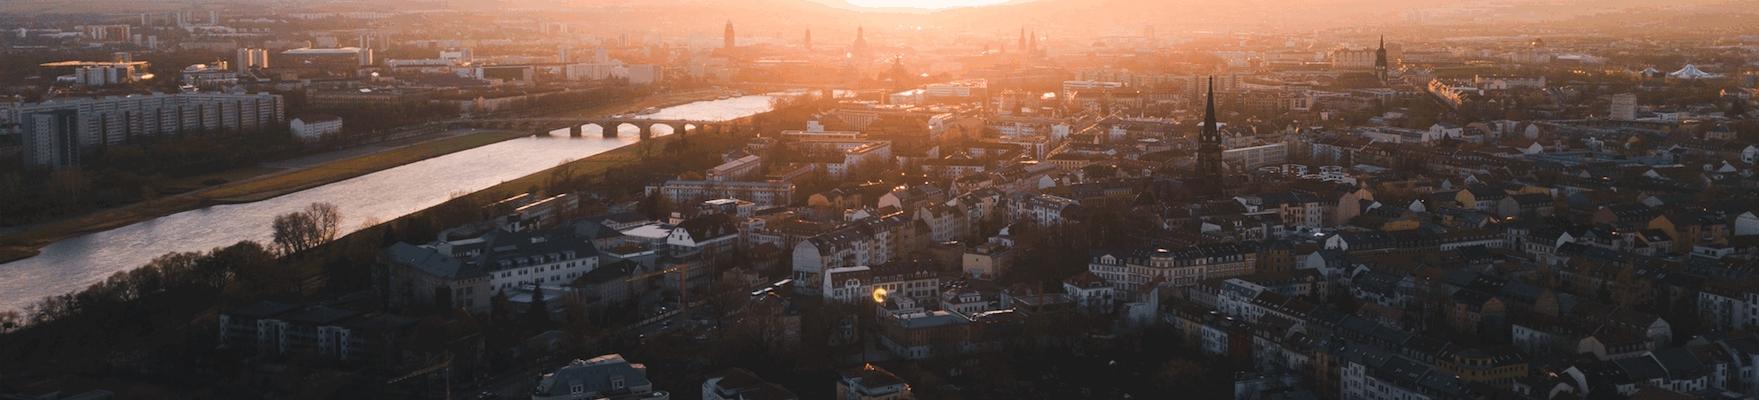 Lustige Stadtrundfahrt in sächischer Mundart Dresden 28.9.